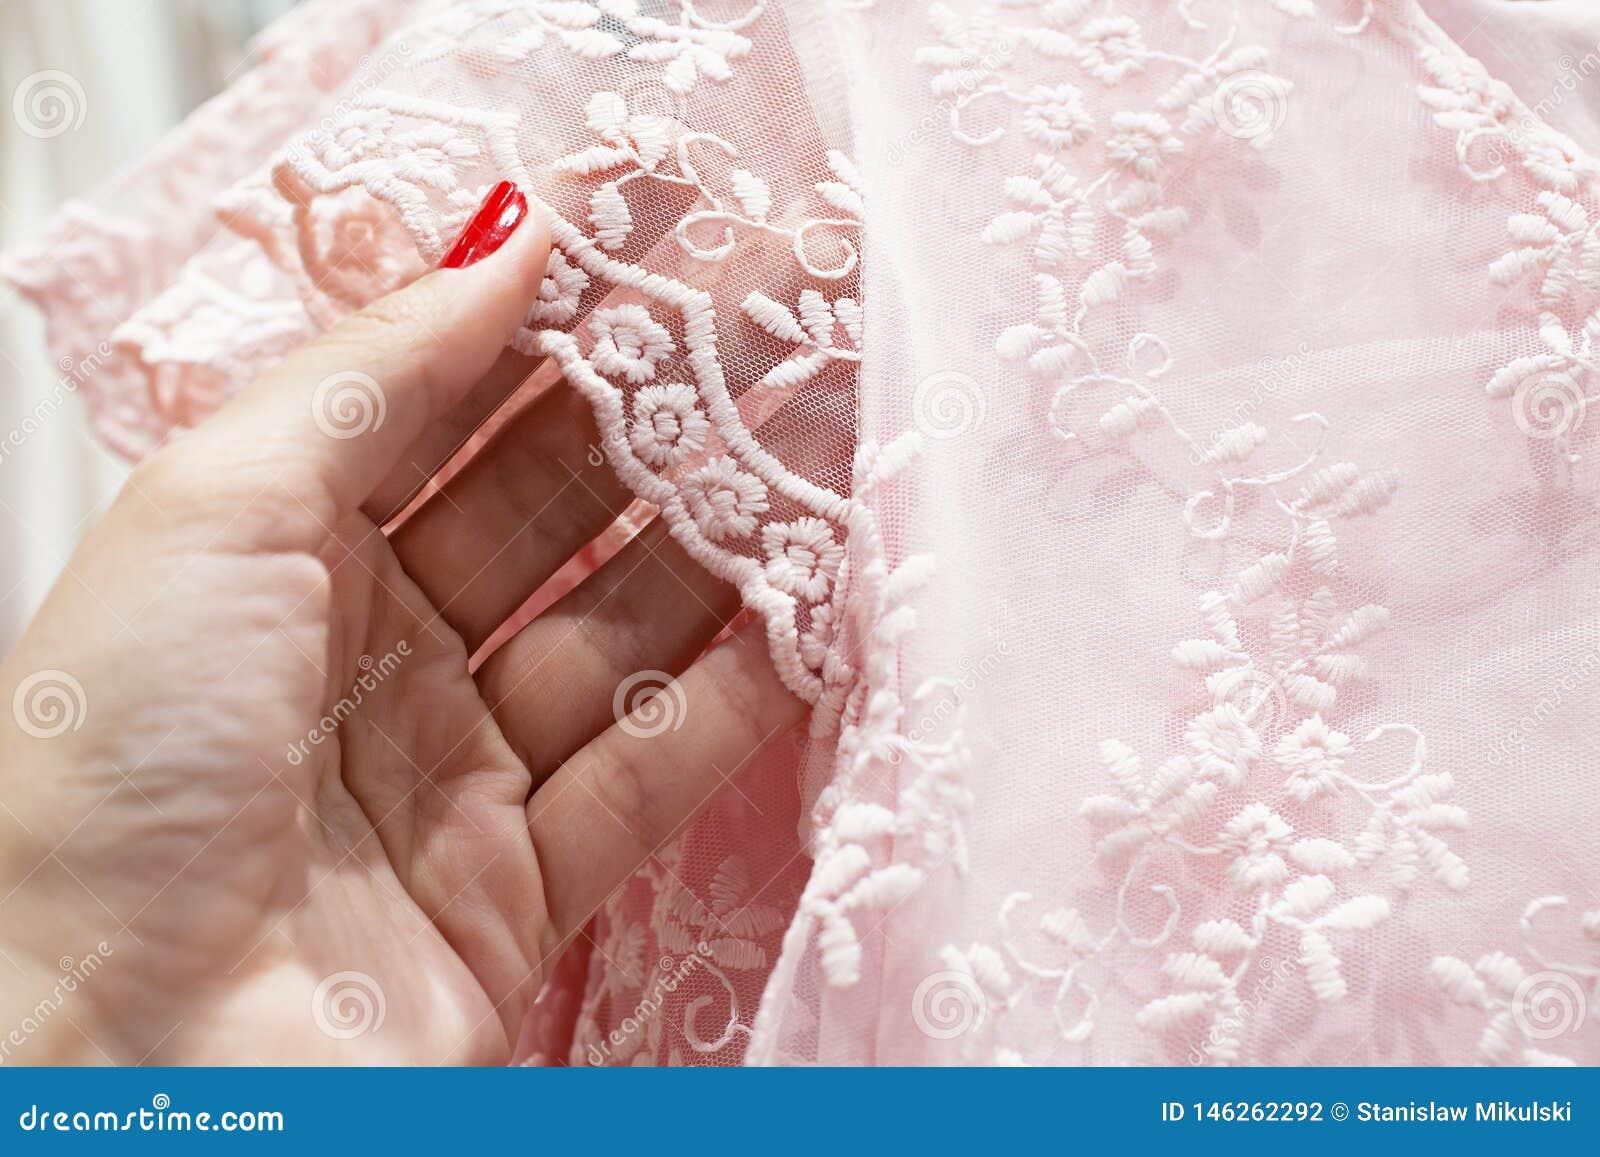 La ragazza tocca il pizzo rosa delicato